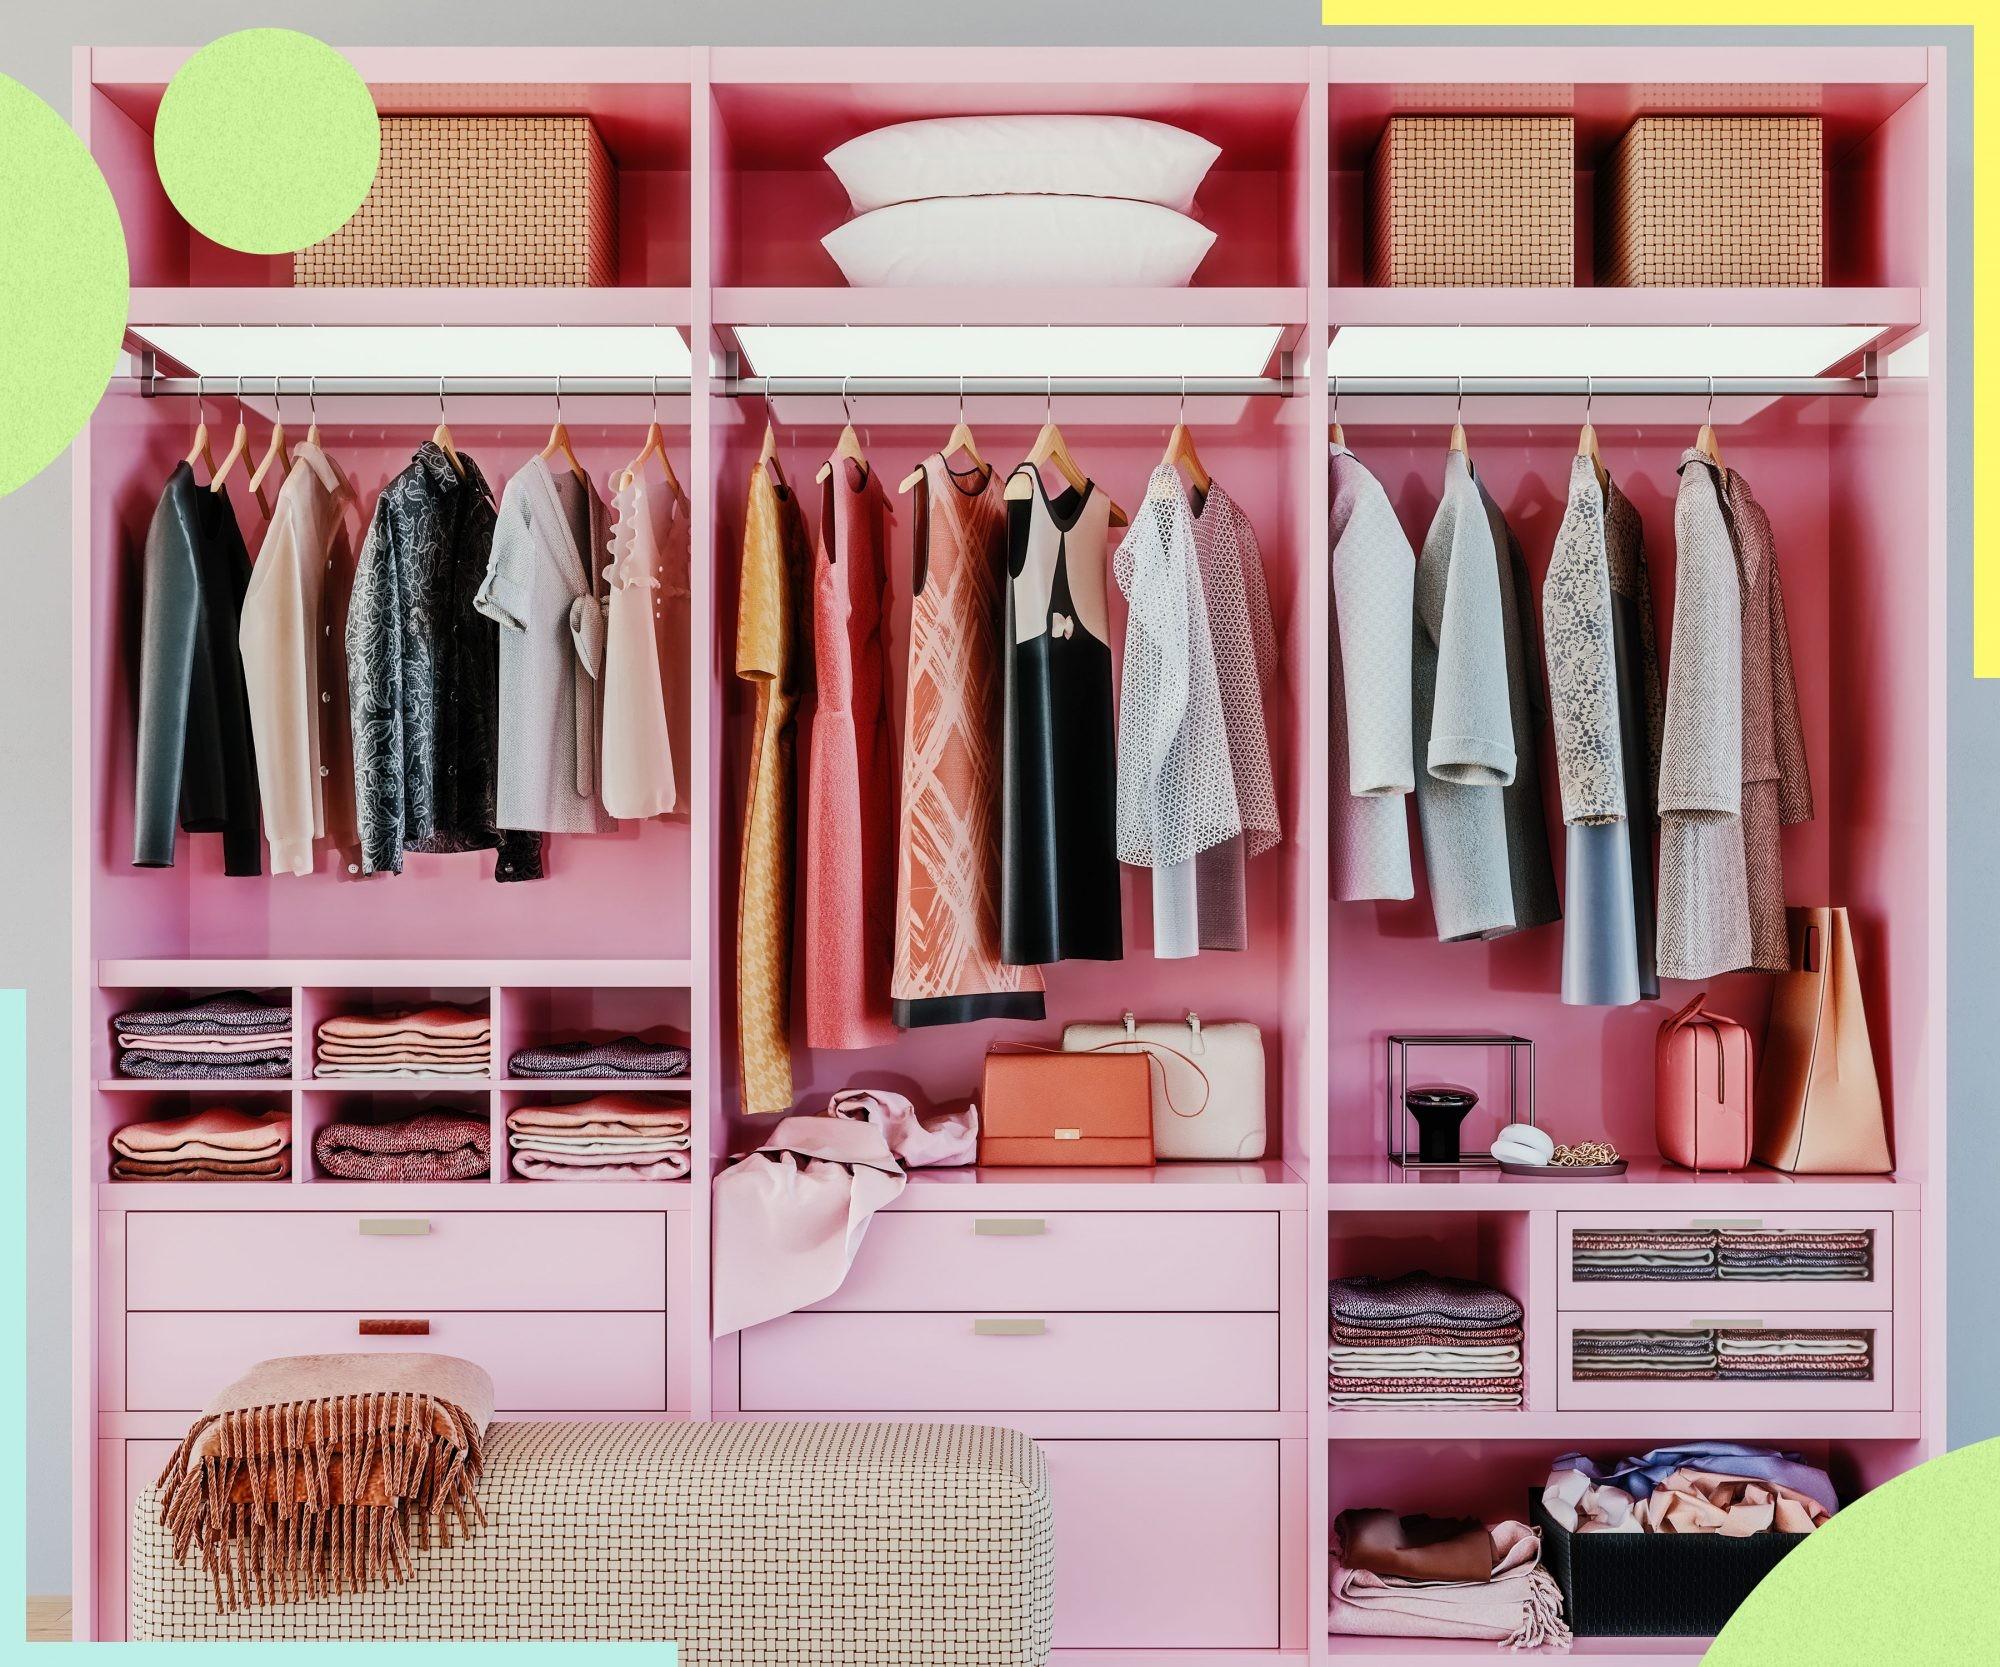 أفكار لتقسيم خزانة الملابس من الداخل- استغلال الجزء أسفل الشماعة